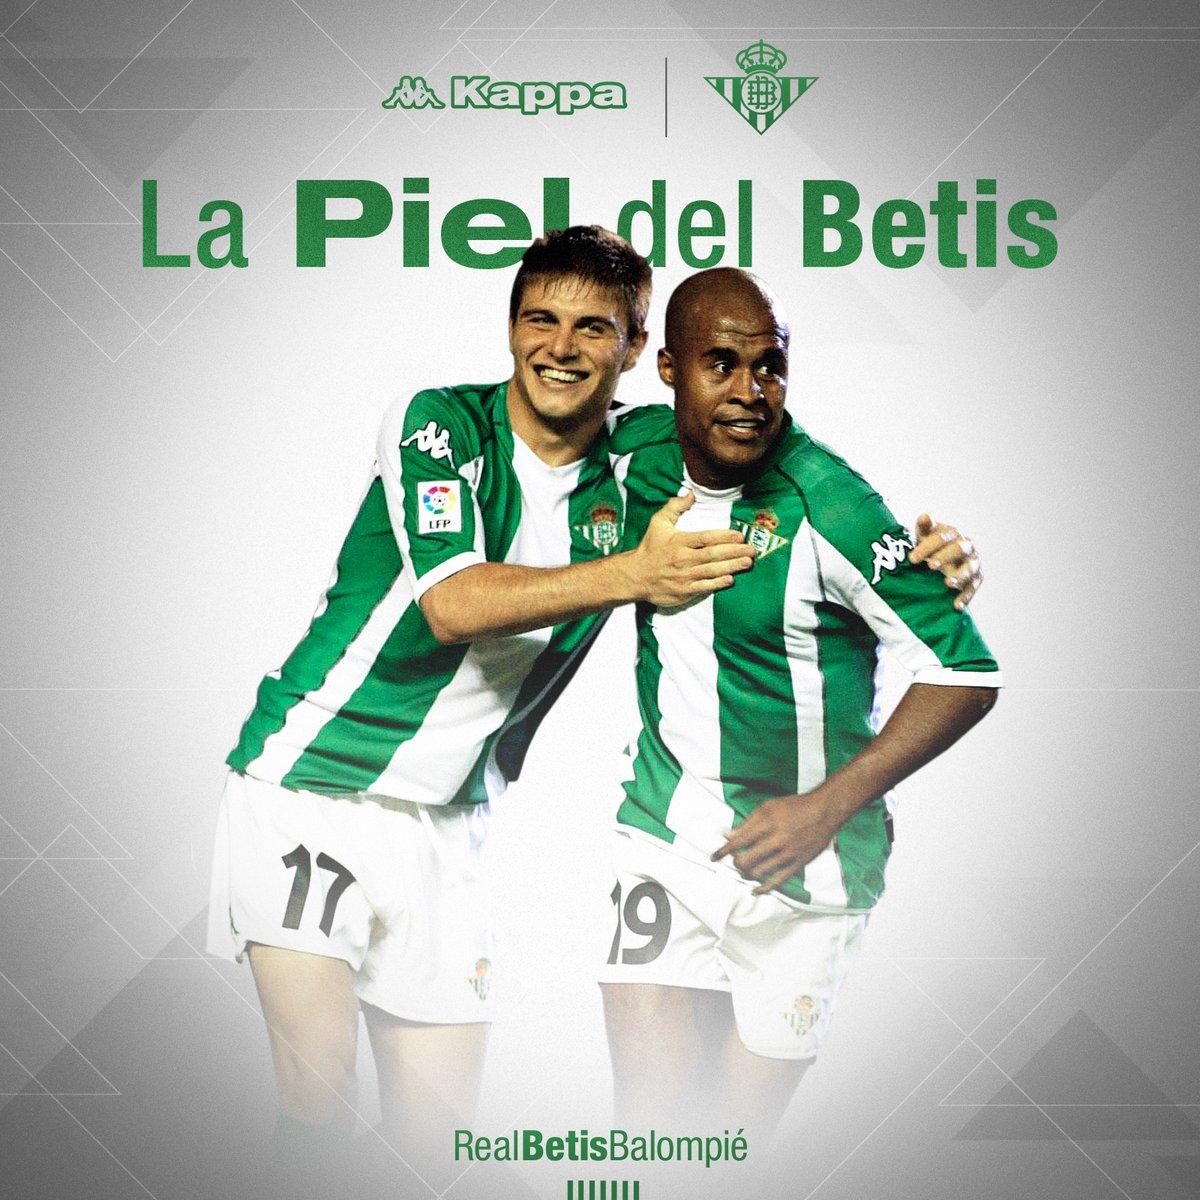 El Real Betis ha anunciado un secreto a voces ef60b648df087